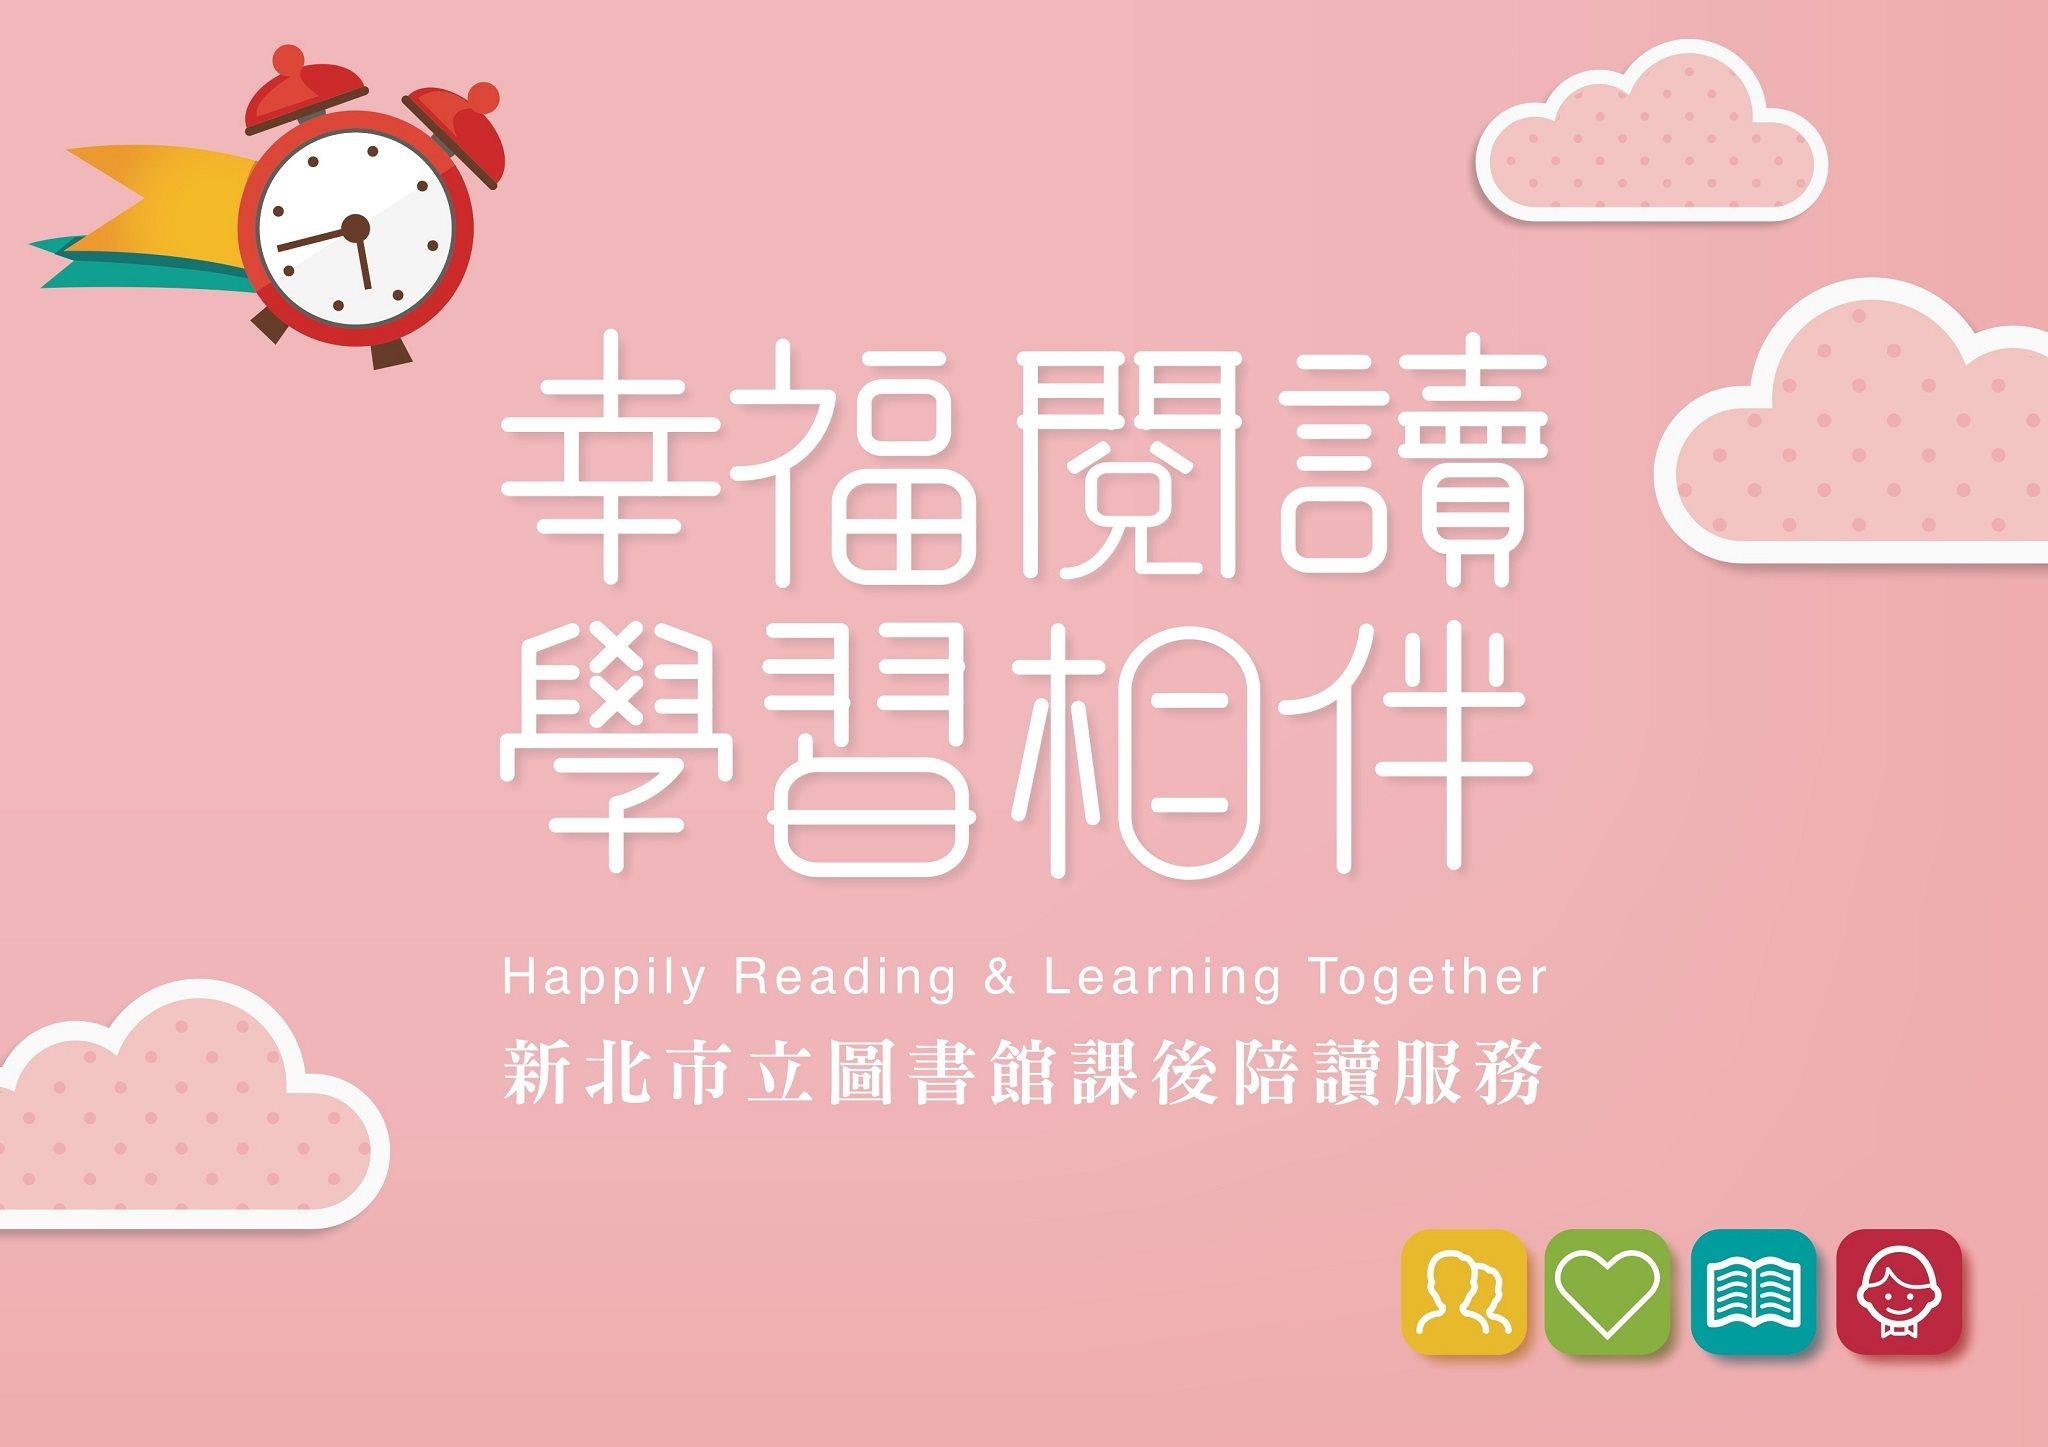 安心閱讀 溫暖陪伴 課後陪讀服務